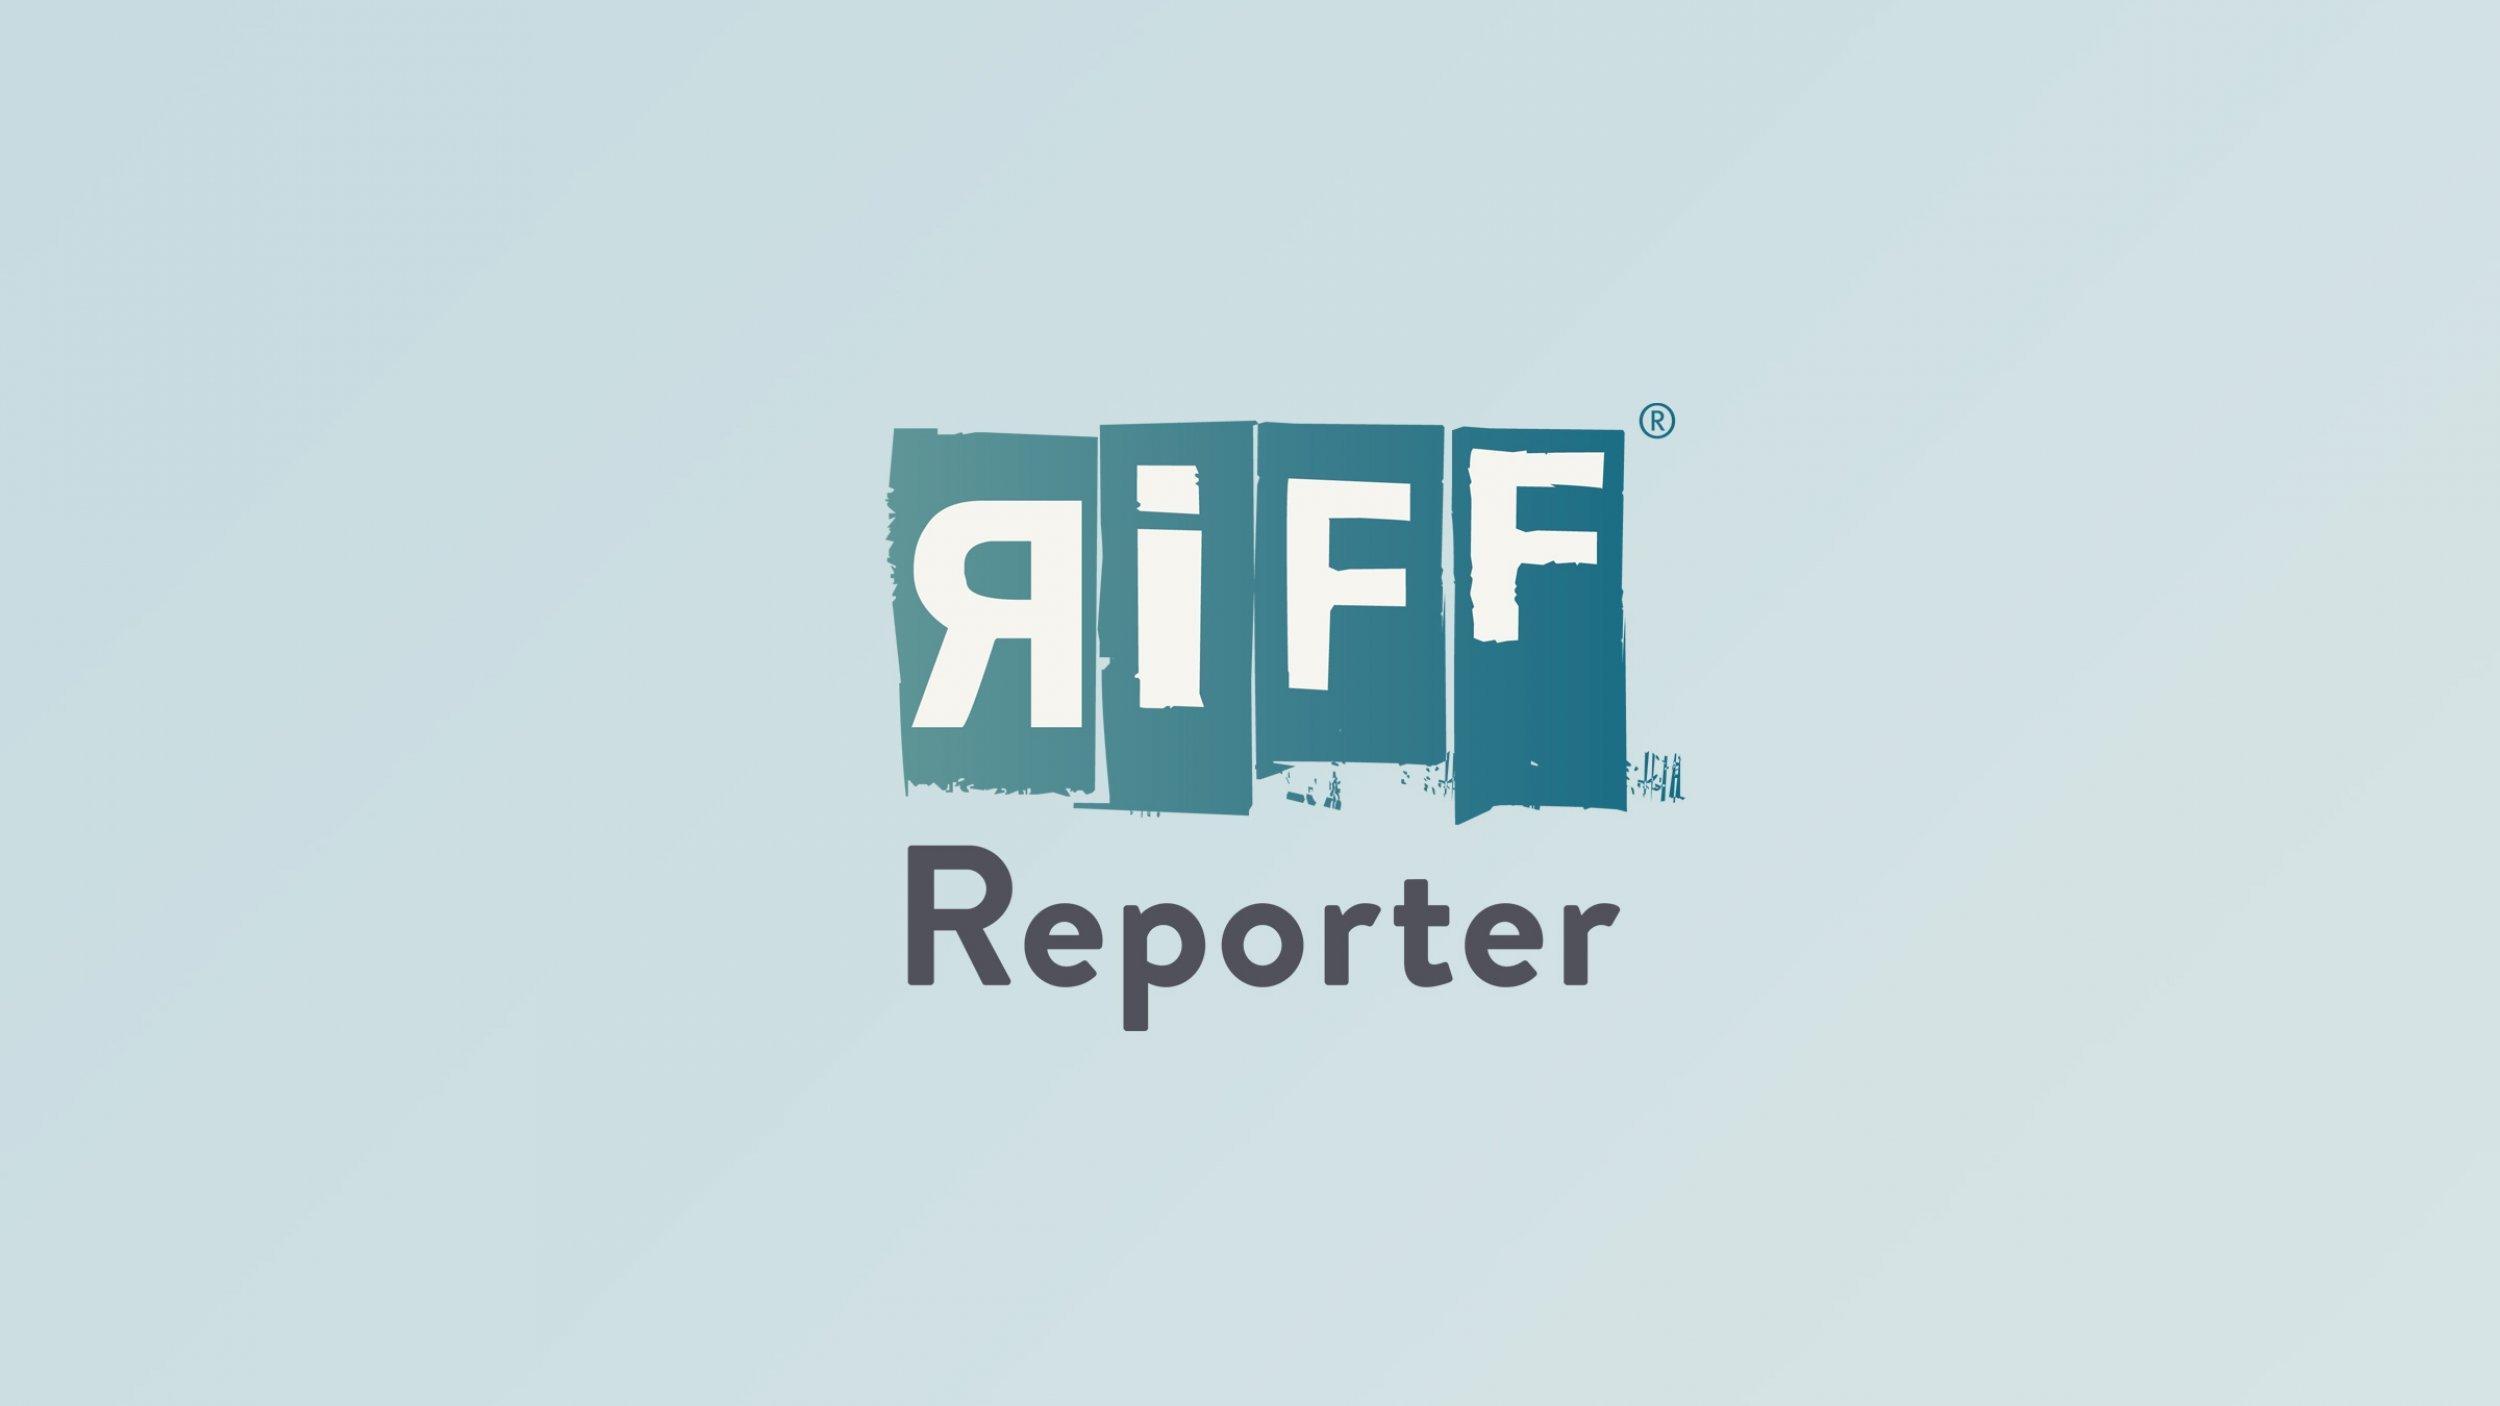 Eine Uhr liegt im Rasen neben einem Blumenbeet. Die Uhr steht auf viertel vor acht.